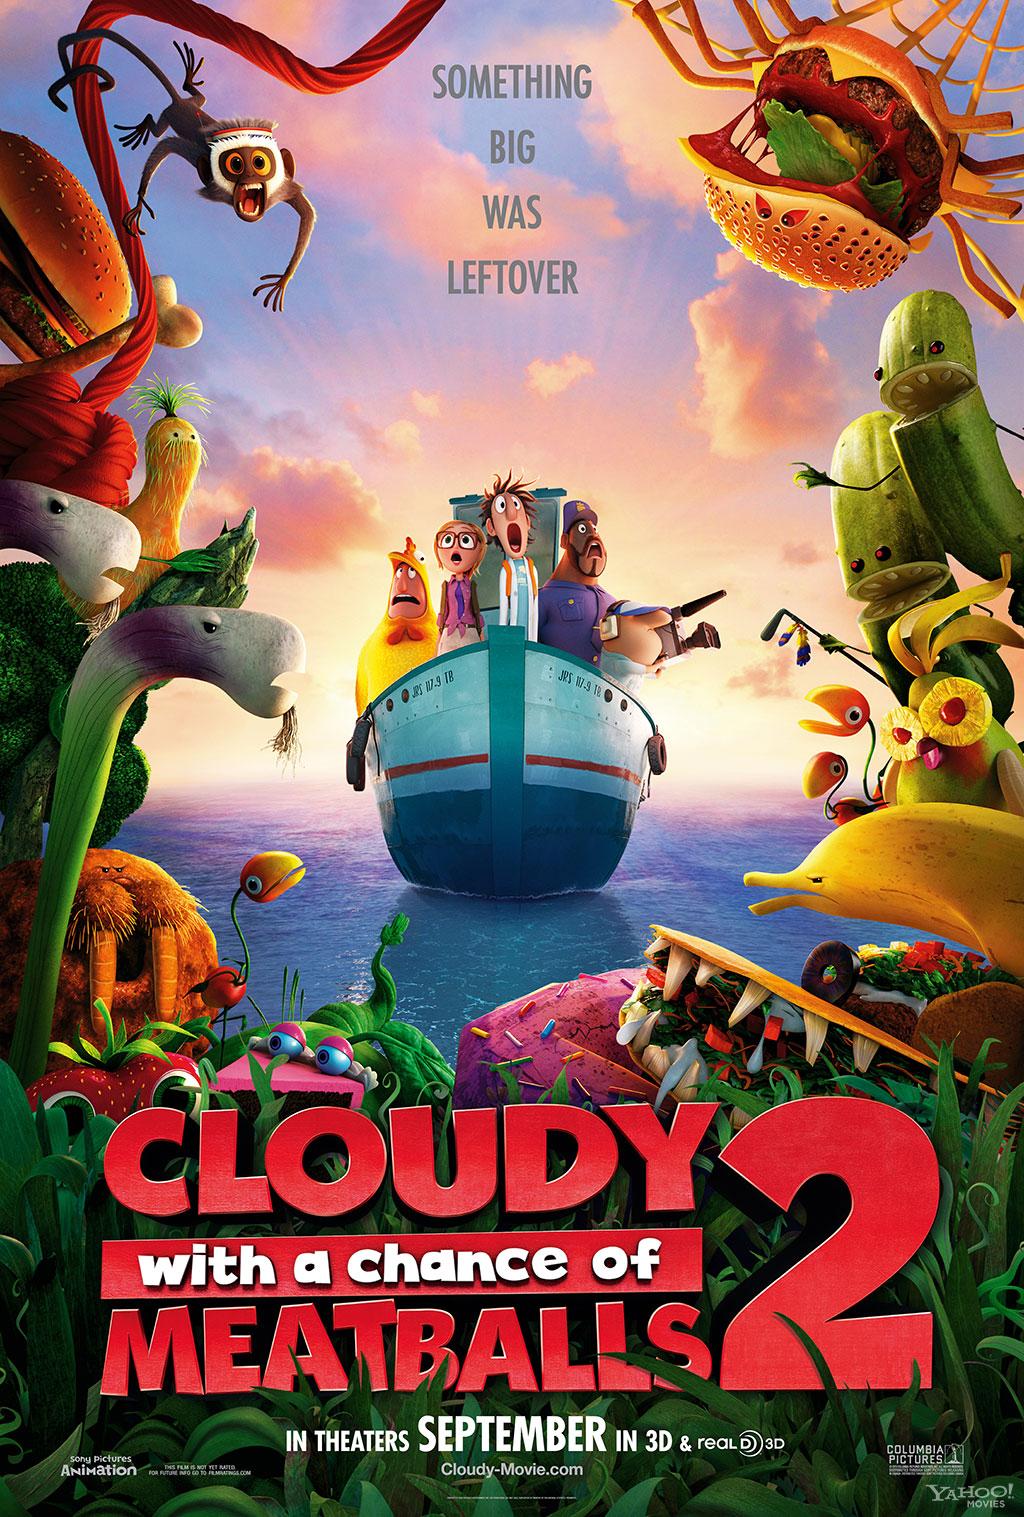 http://3.bp.blogspot.com/-RX3jAhUt6SU/UiYzhOtoXoI/AAAAAAAABCQ/Rrgzm9er3Kk/s1600/cloudy-with-a-chance-of-meatballs-2-poster.jpg